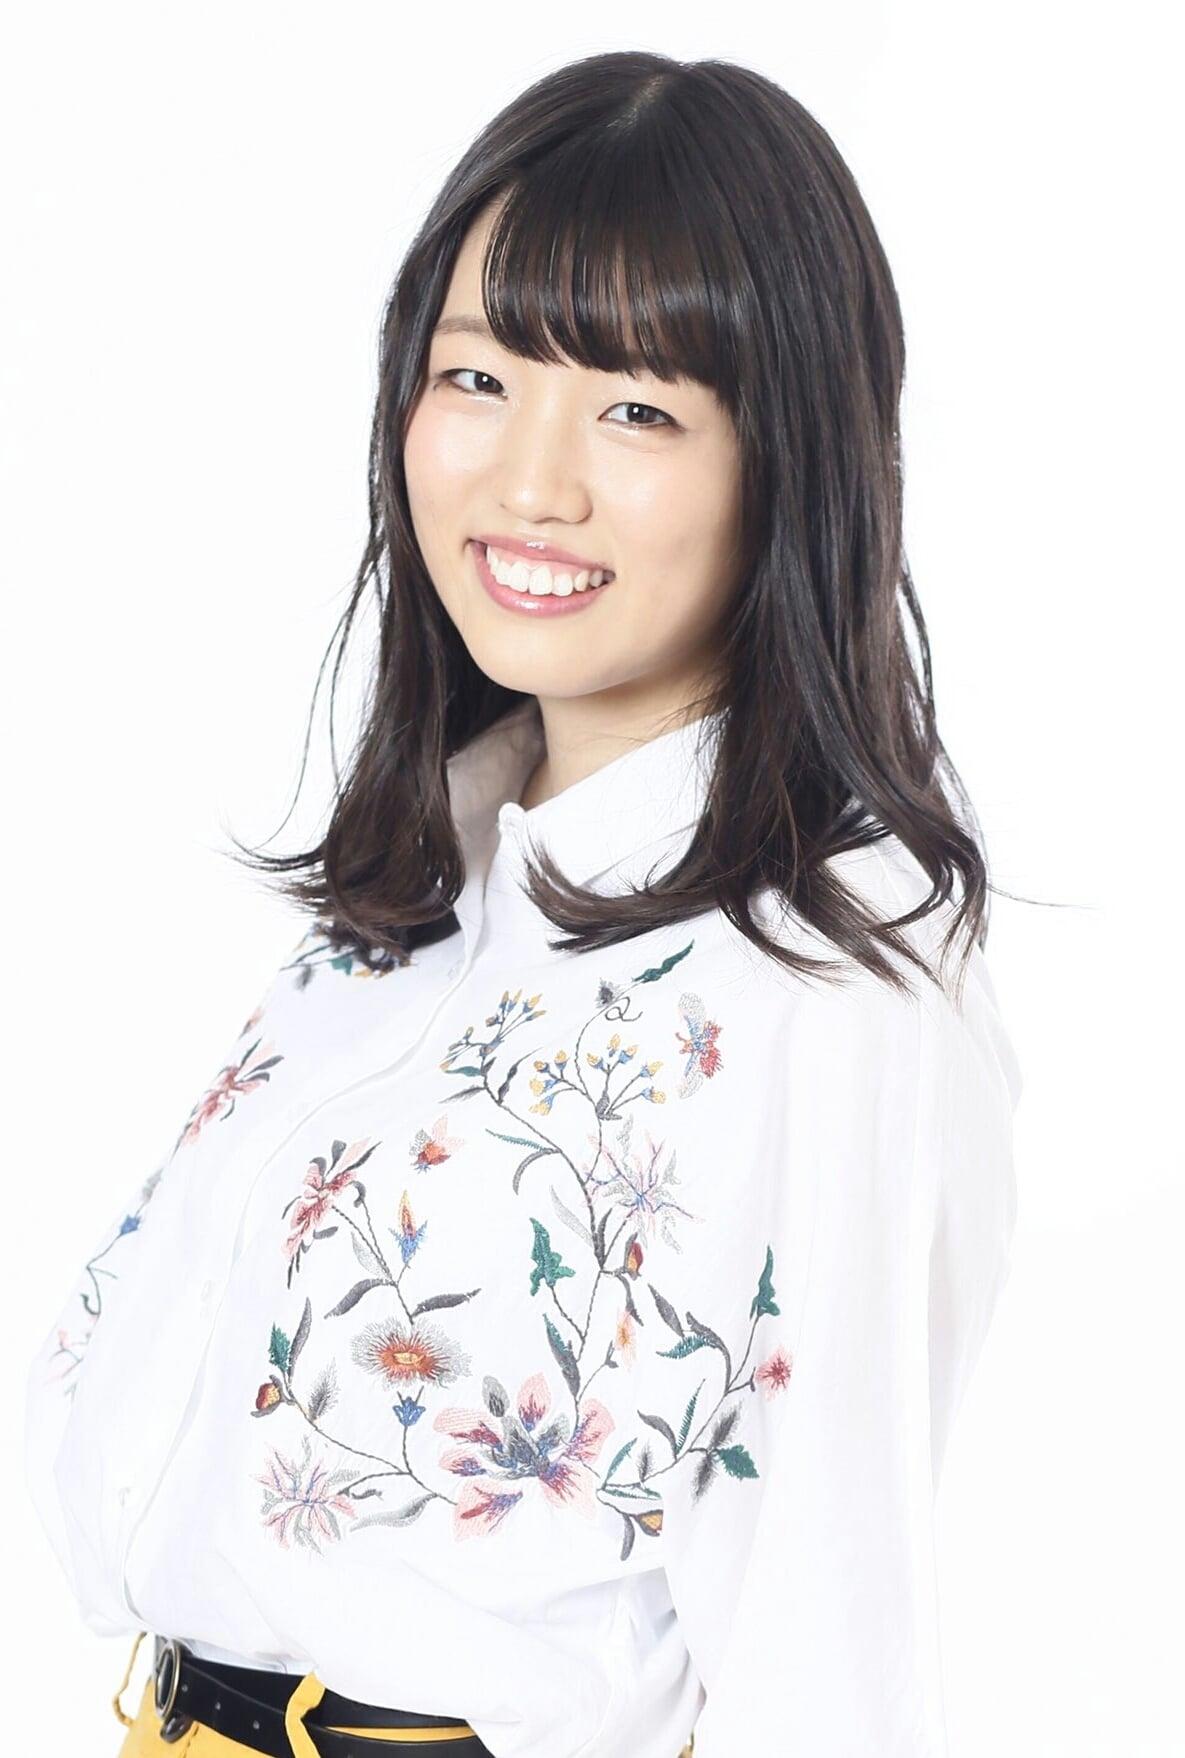 Natsuki Ochiai